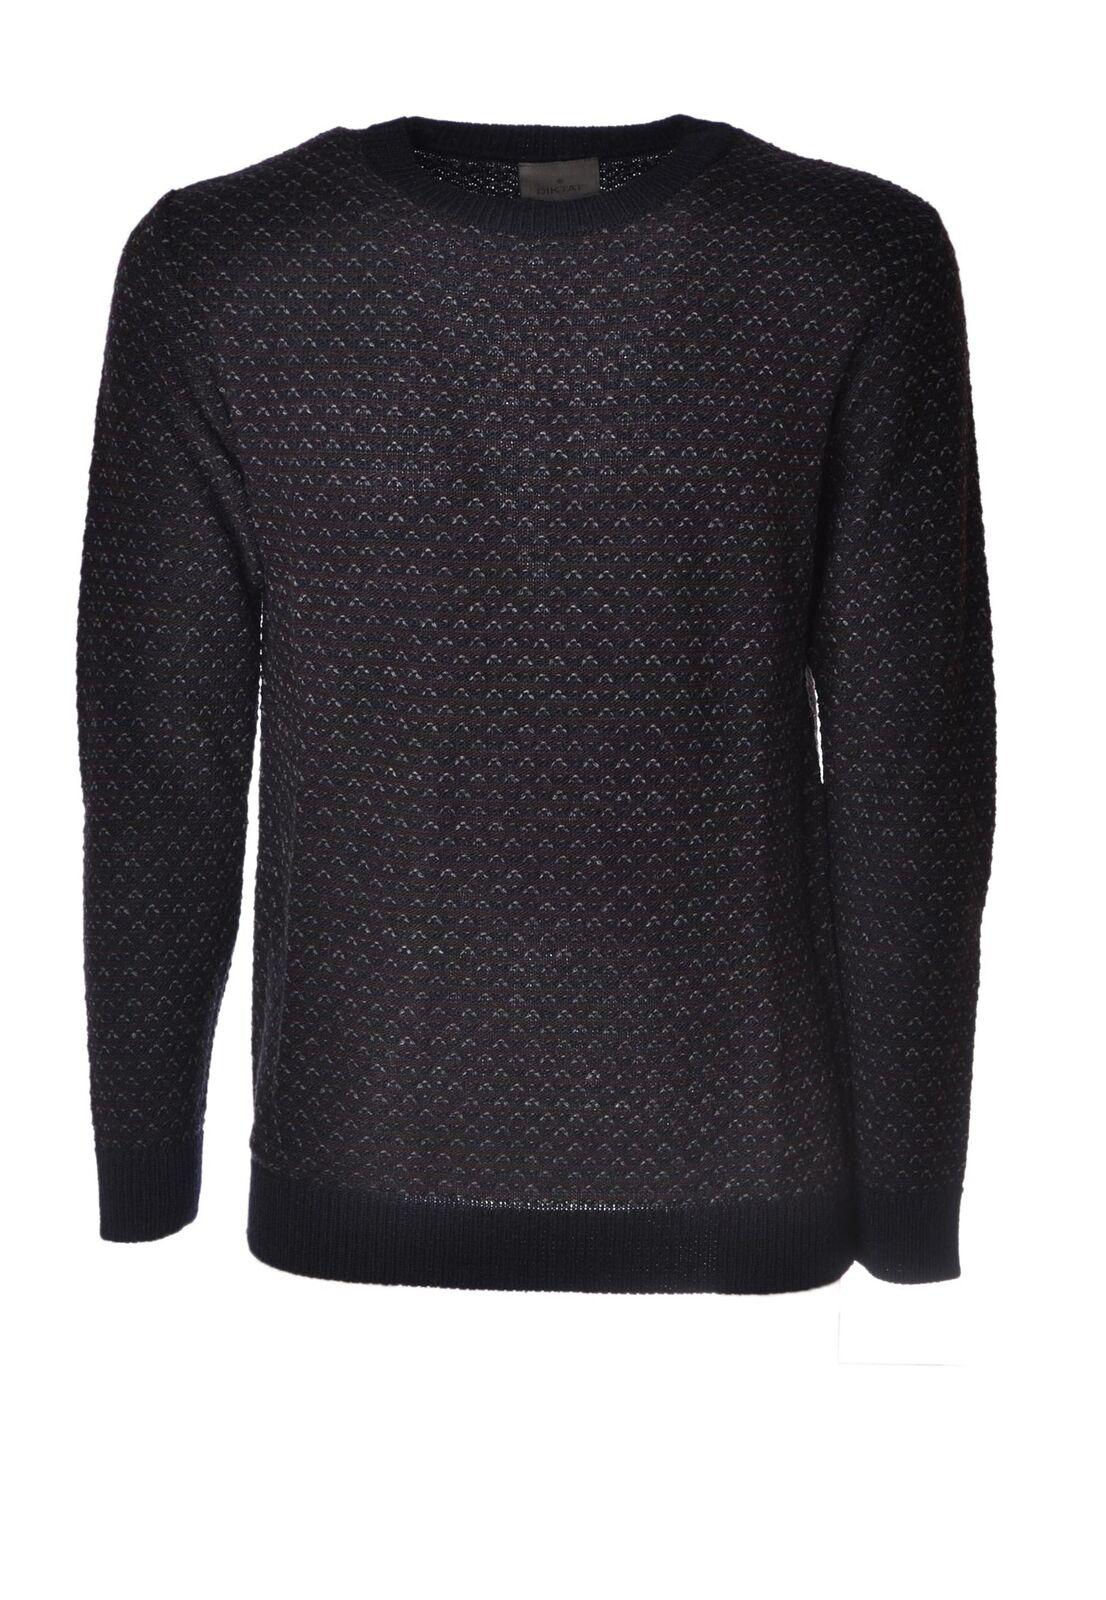 Diktat - Knitwear-Sweaters - Man - Fantasy - 4342223N180855